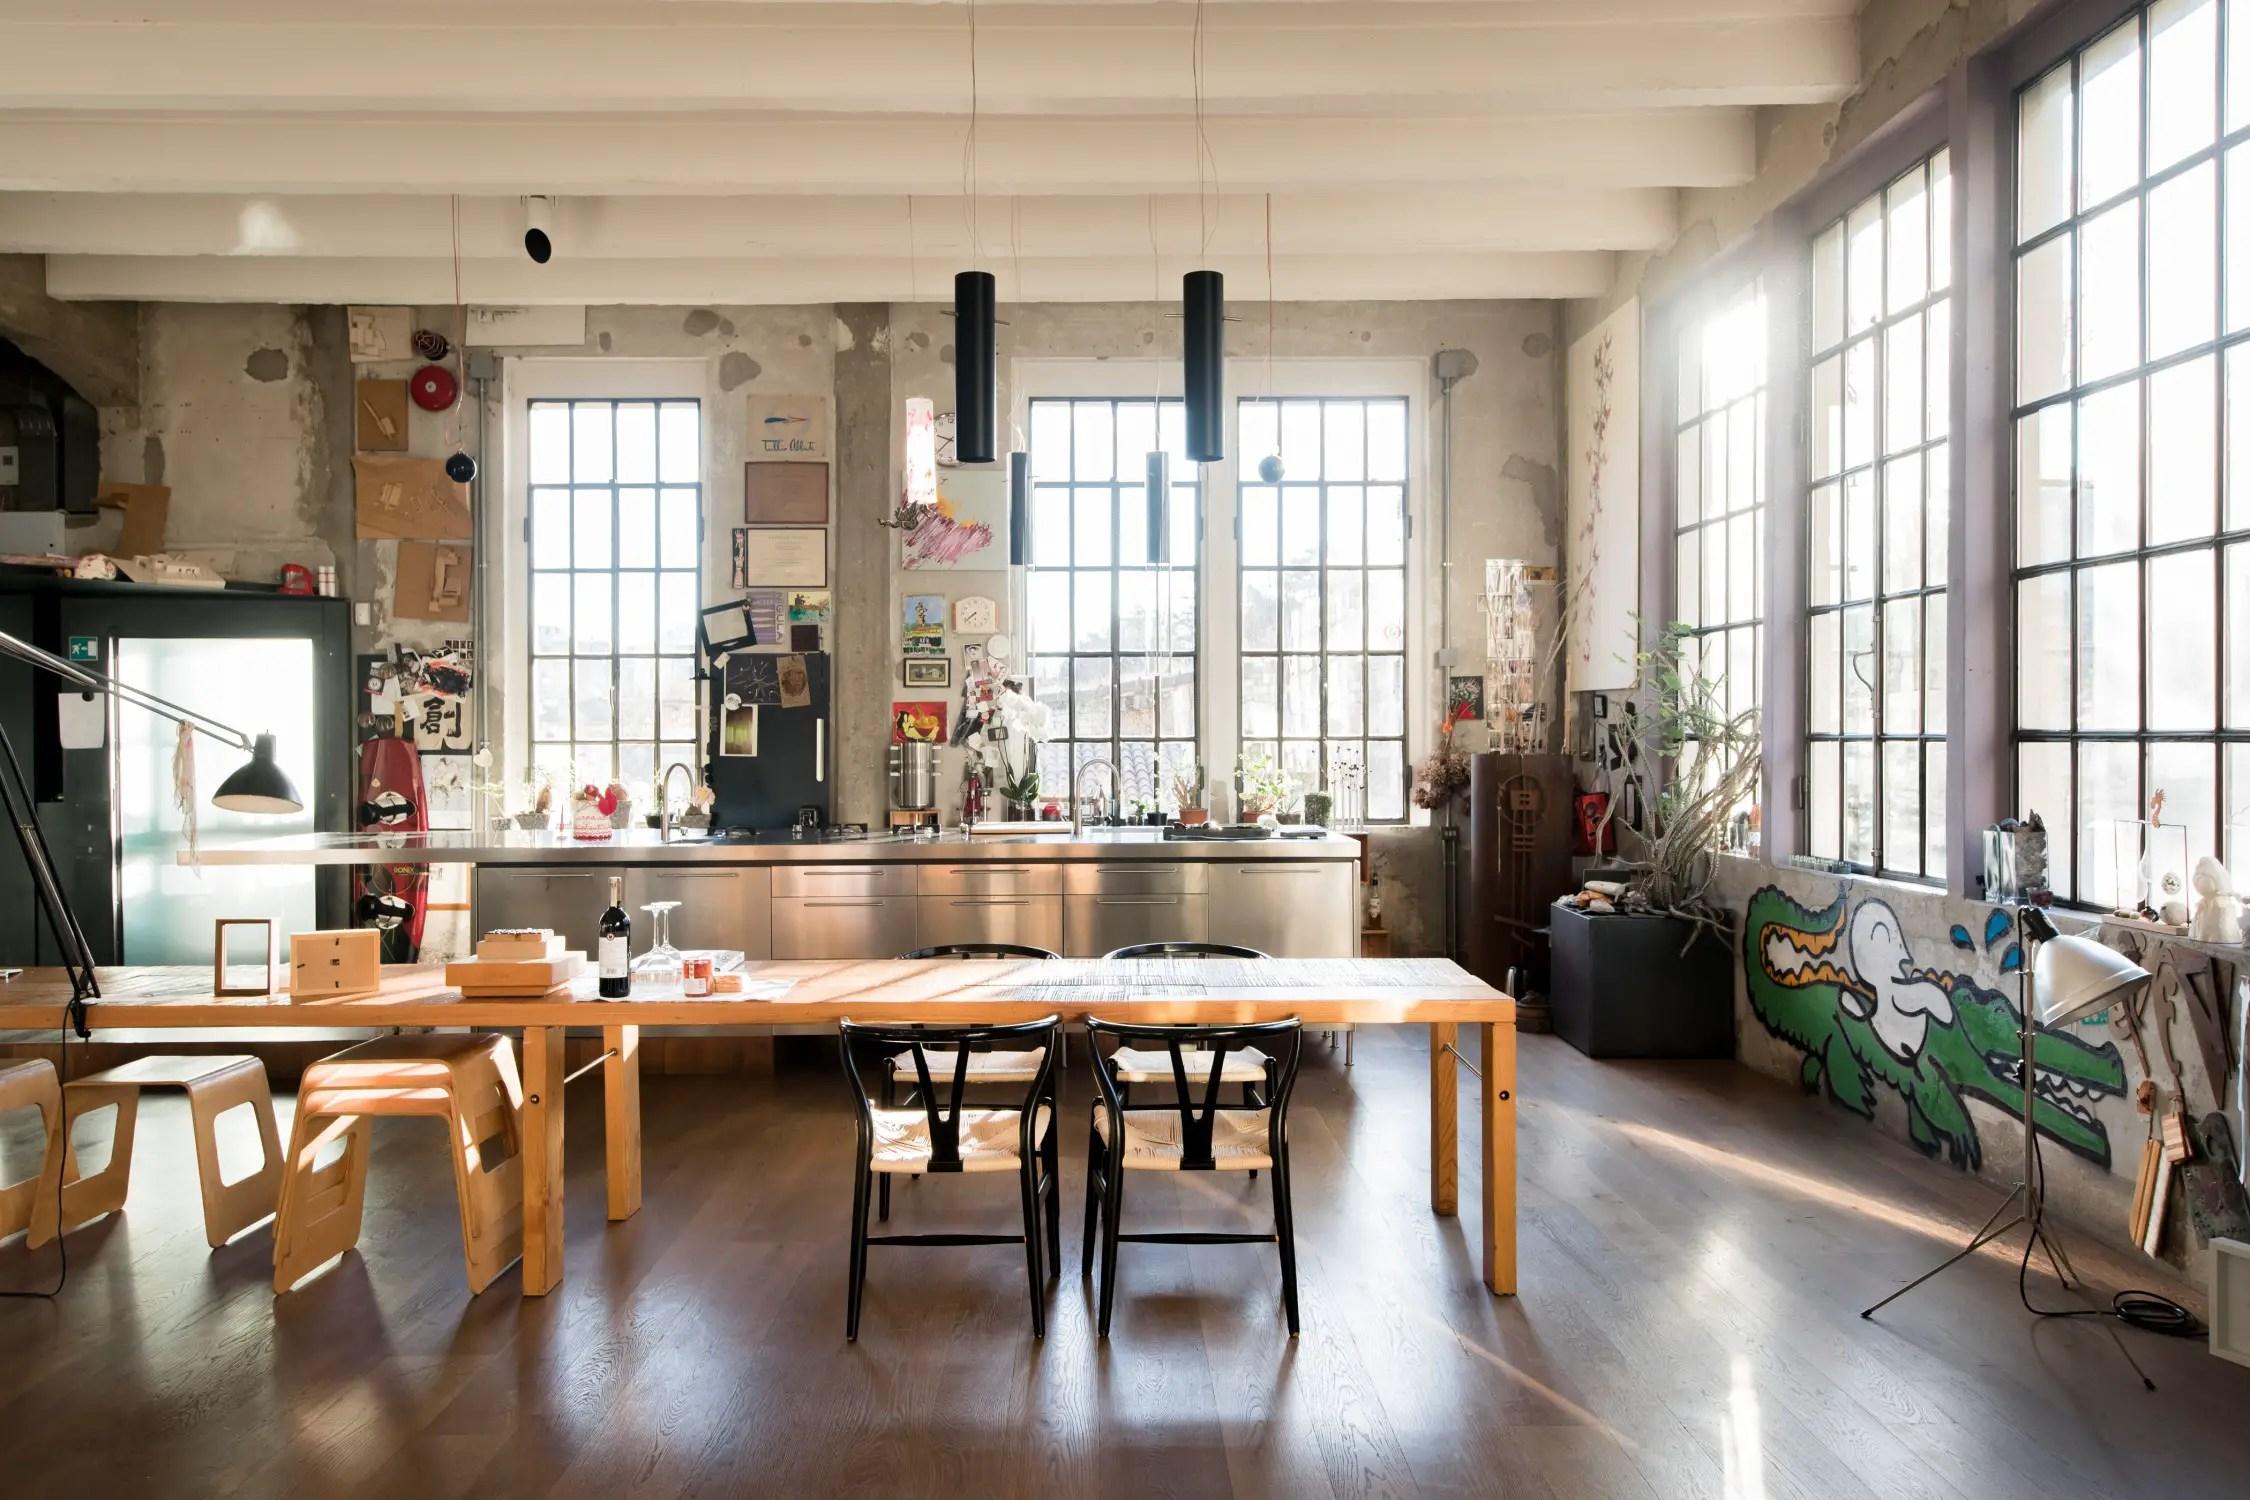 Un loft de style industriel comme un atelier d\'artiste ...